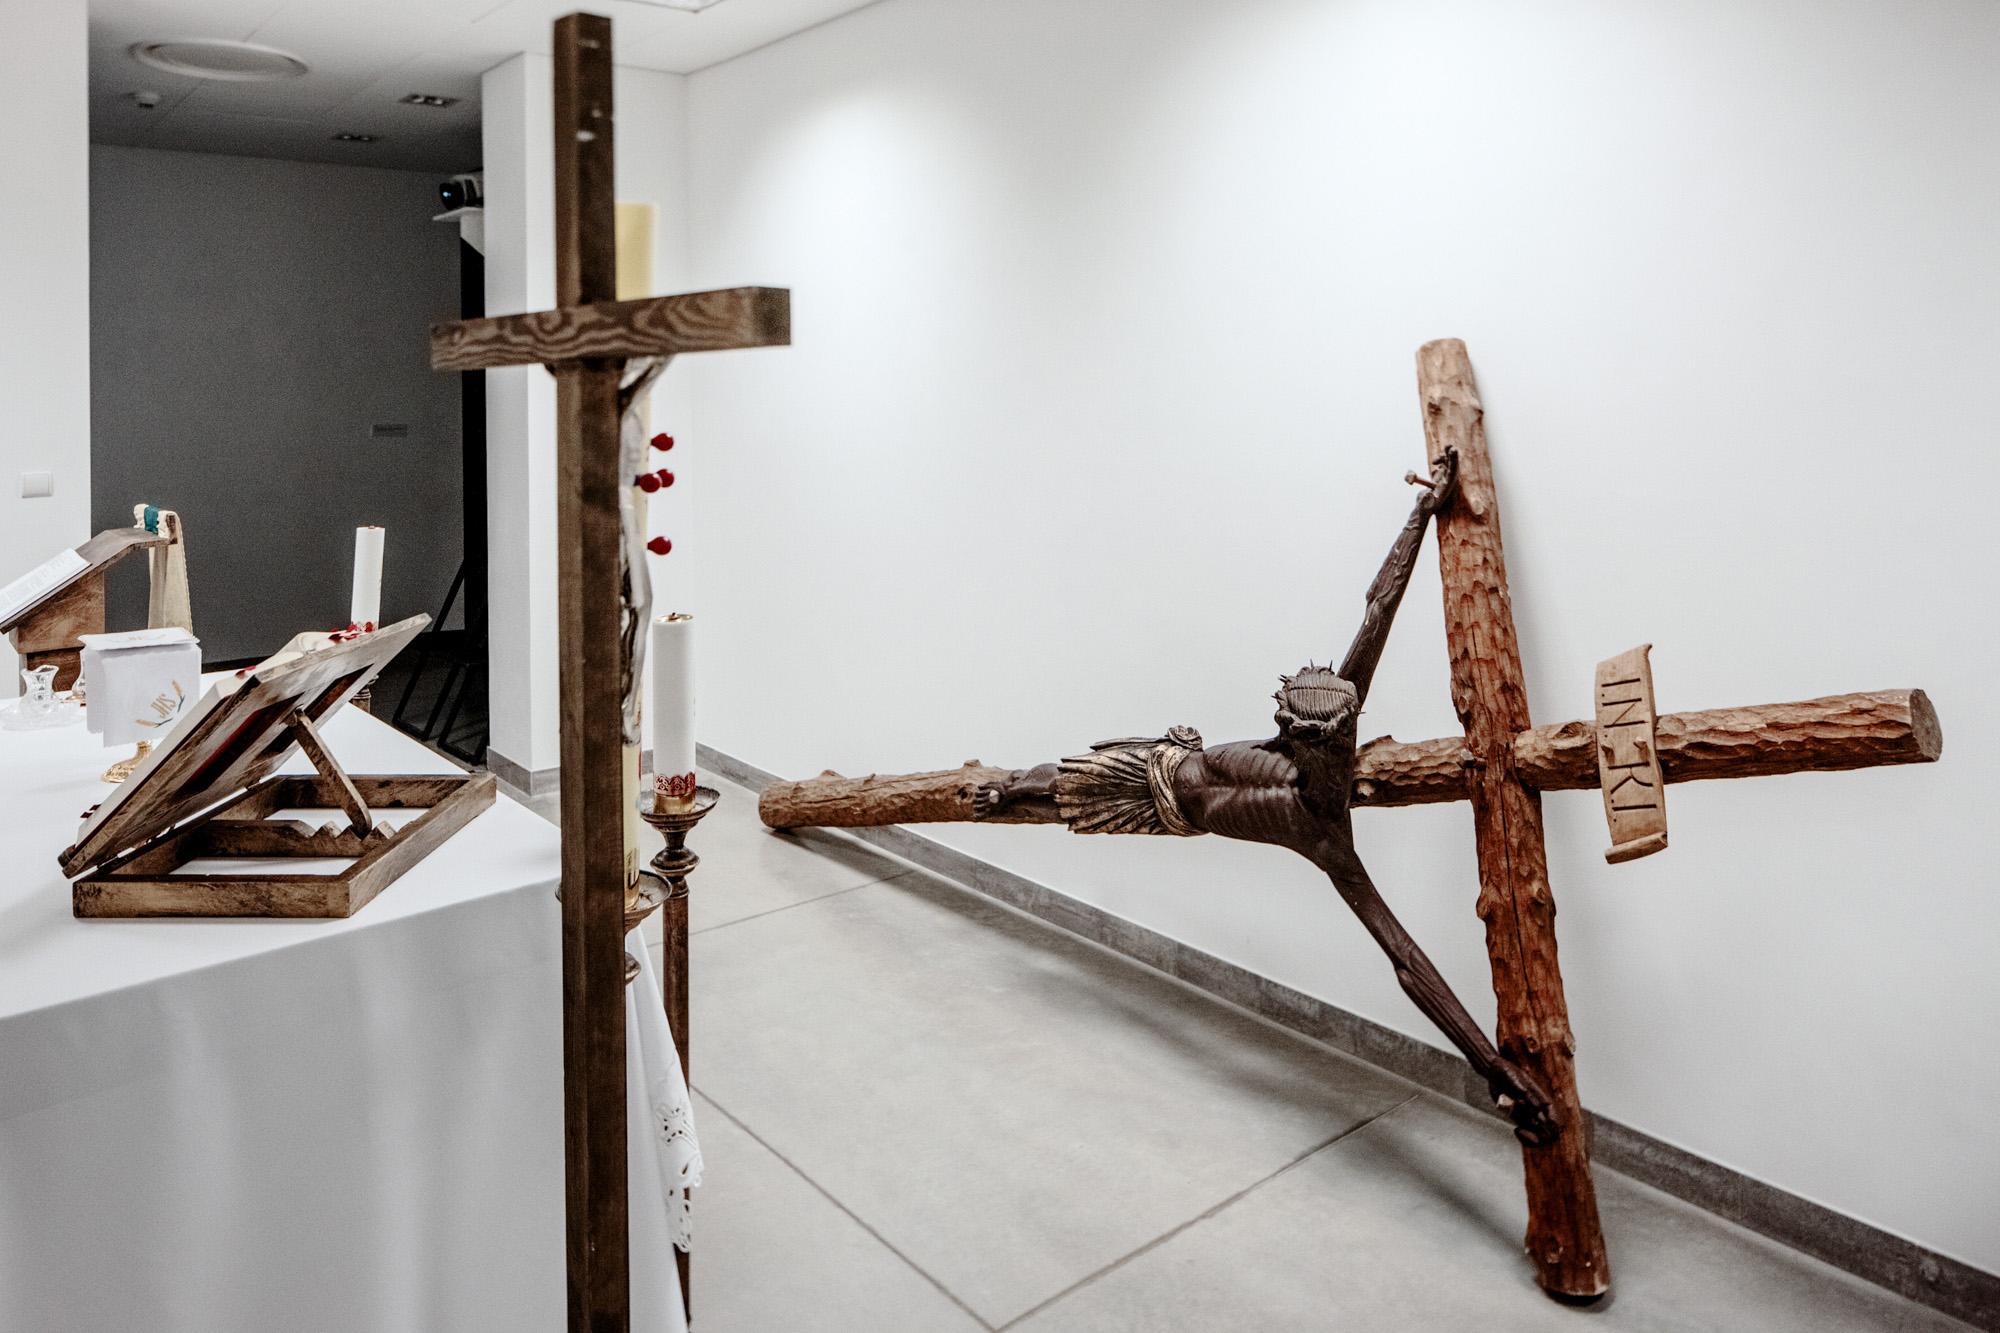 Artur Żmijewski, Prace warsztatowe, widok wystawy